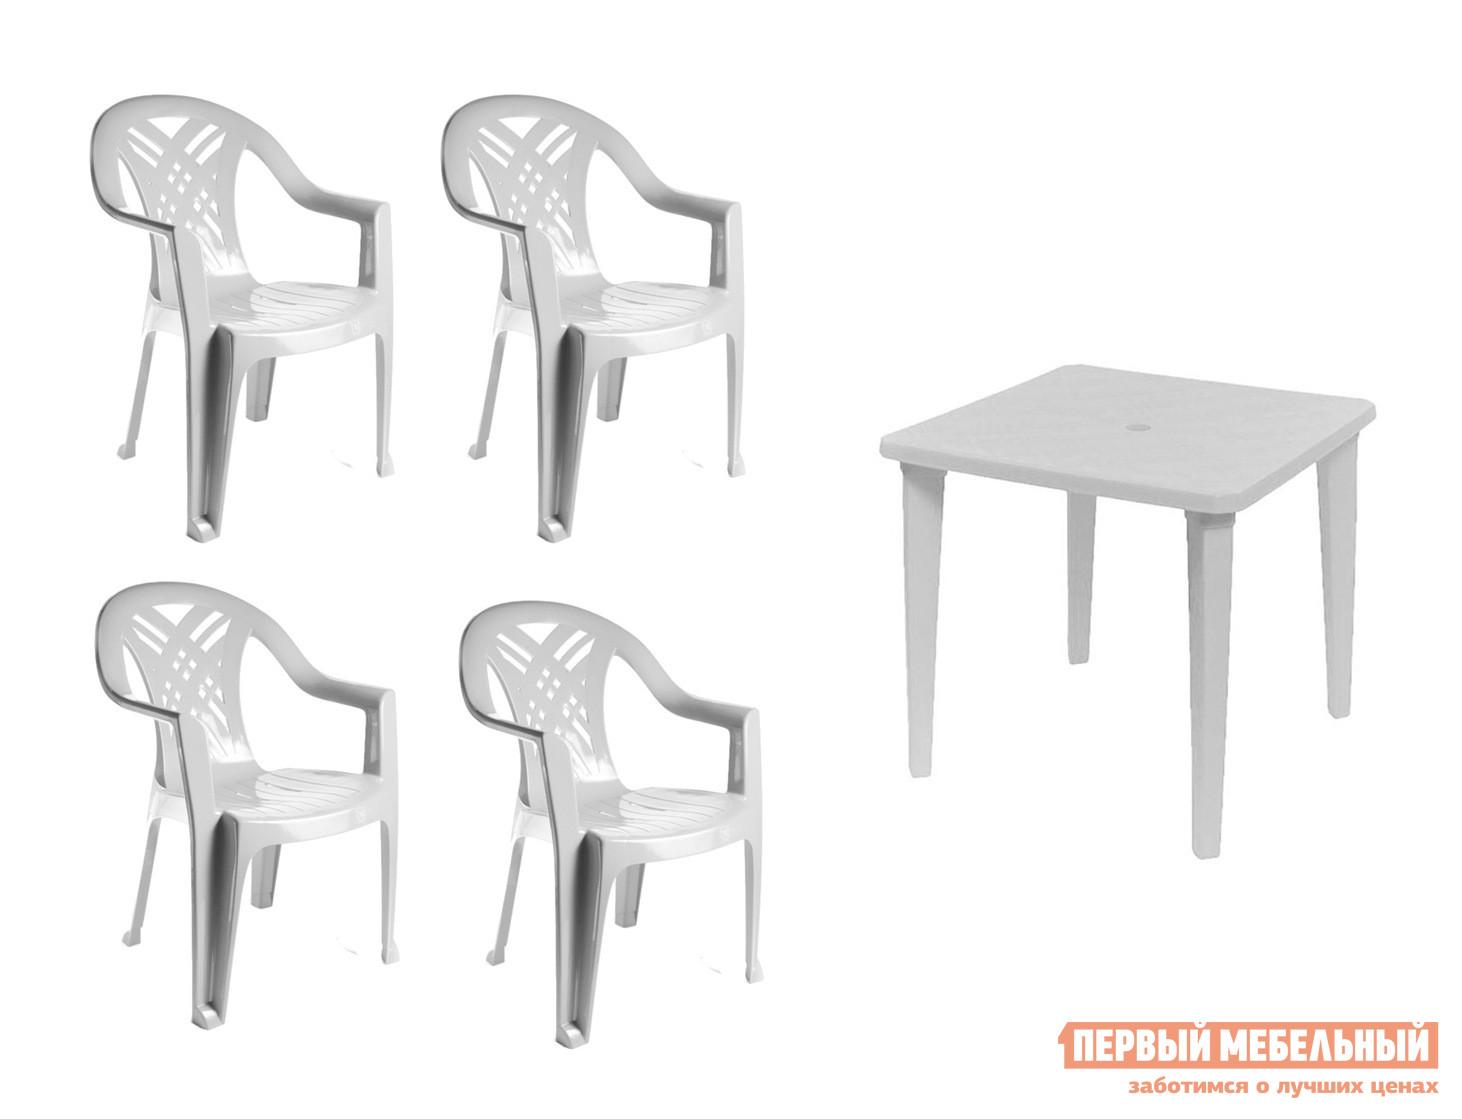 Набор пластиковой мебели Стандарт Пластик Стол квадратный (800х800х710)+Кресло №6 Престиж-2 (660x600x840мм), 4 шт. БелыйНаборы пластиковой мебели<br>Габаритные размеры ВхШхГ xx мм. Набор пластиковой мебели для организации дачного застолья на свежем воздухе.  Также такая мебель подойдет для уличных кафе. Каждое кресло рассчитано на максимальный вес 120 кг. Размеры элементов:Стол: 710 Х 800 Х 800 мм, вес 5 кг; Кресло: 840 Х 660 Х 600 мм, вес 2. 4 кг. Кресла поставляются в собранном виде.  Стол разобран – для сборки стола необходимо вкрутить ножки в столешницу.<br><br>Цвет: Белый<br>Цвет: Белый<br>Кол-во упаковок: 5<br>Форма поставки: В разобранном виде<br>Срок гарантии: 1 год